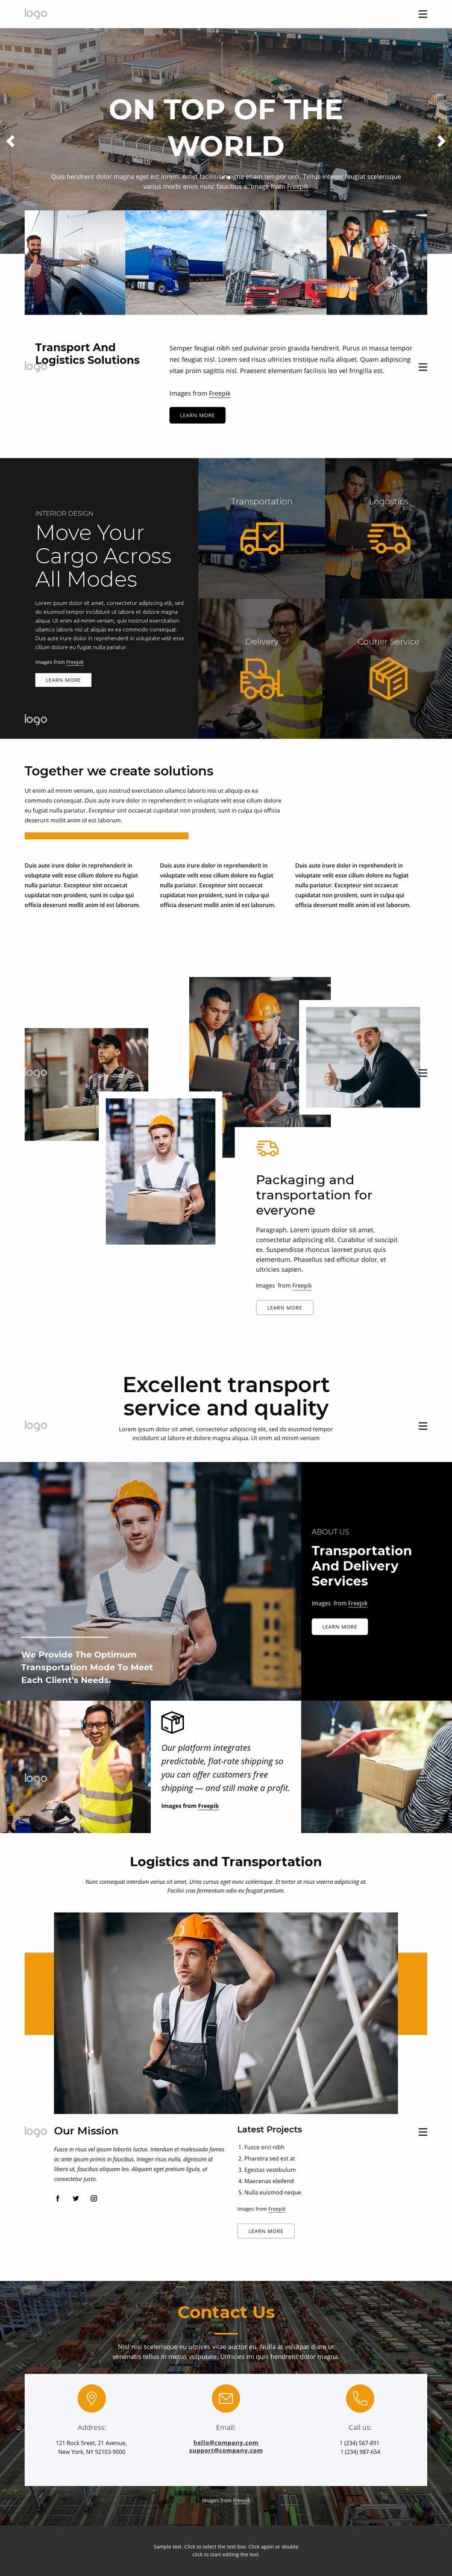 Transportation and logistics management Web Page Designer